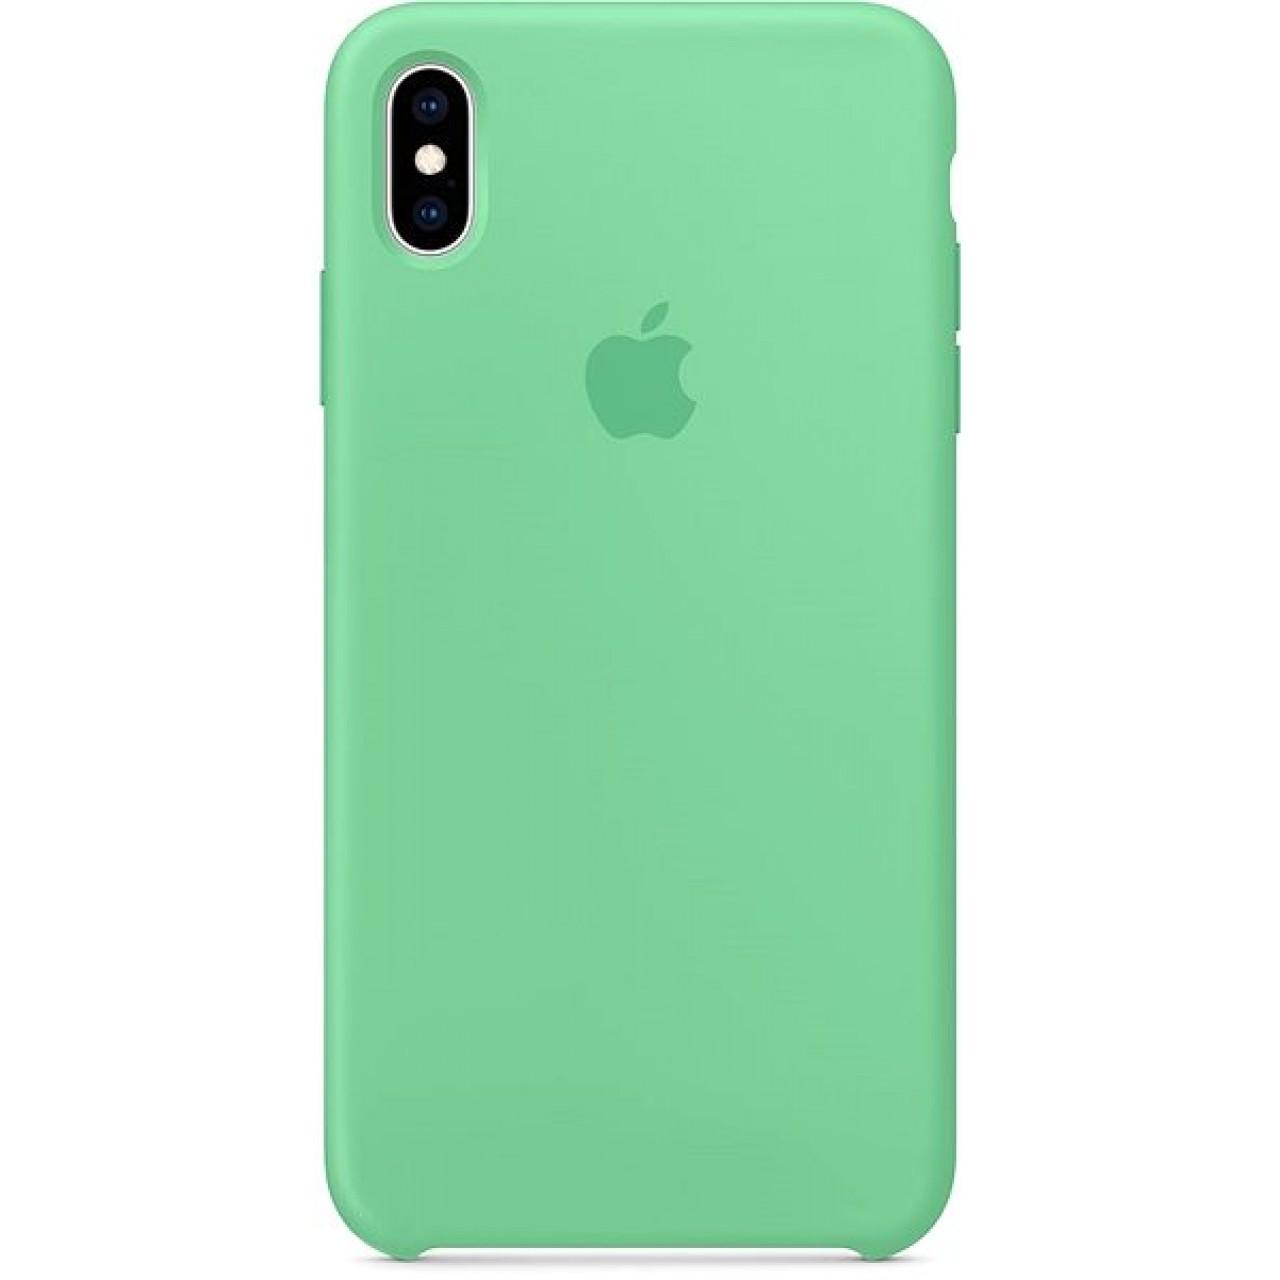 ΘΗΚΗ ΠΡΟΣΤΑΣΙΑΣ ΣΙΛΙΚΟΝΗΣ ΓΙΑ iPhone XR ΠΡΑΣΙΝΗ - BACK COVER SILICON CASE GREEN - OEM